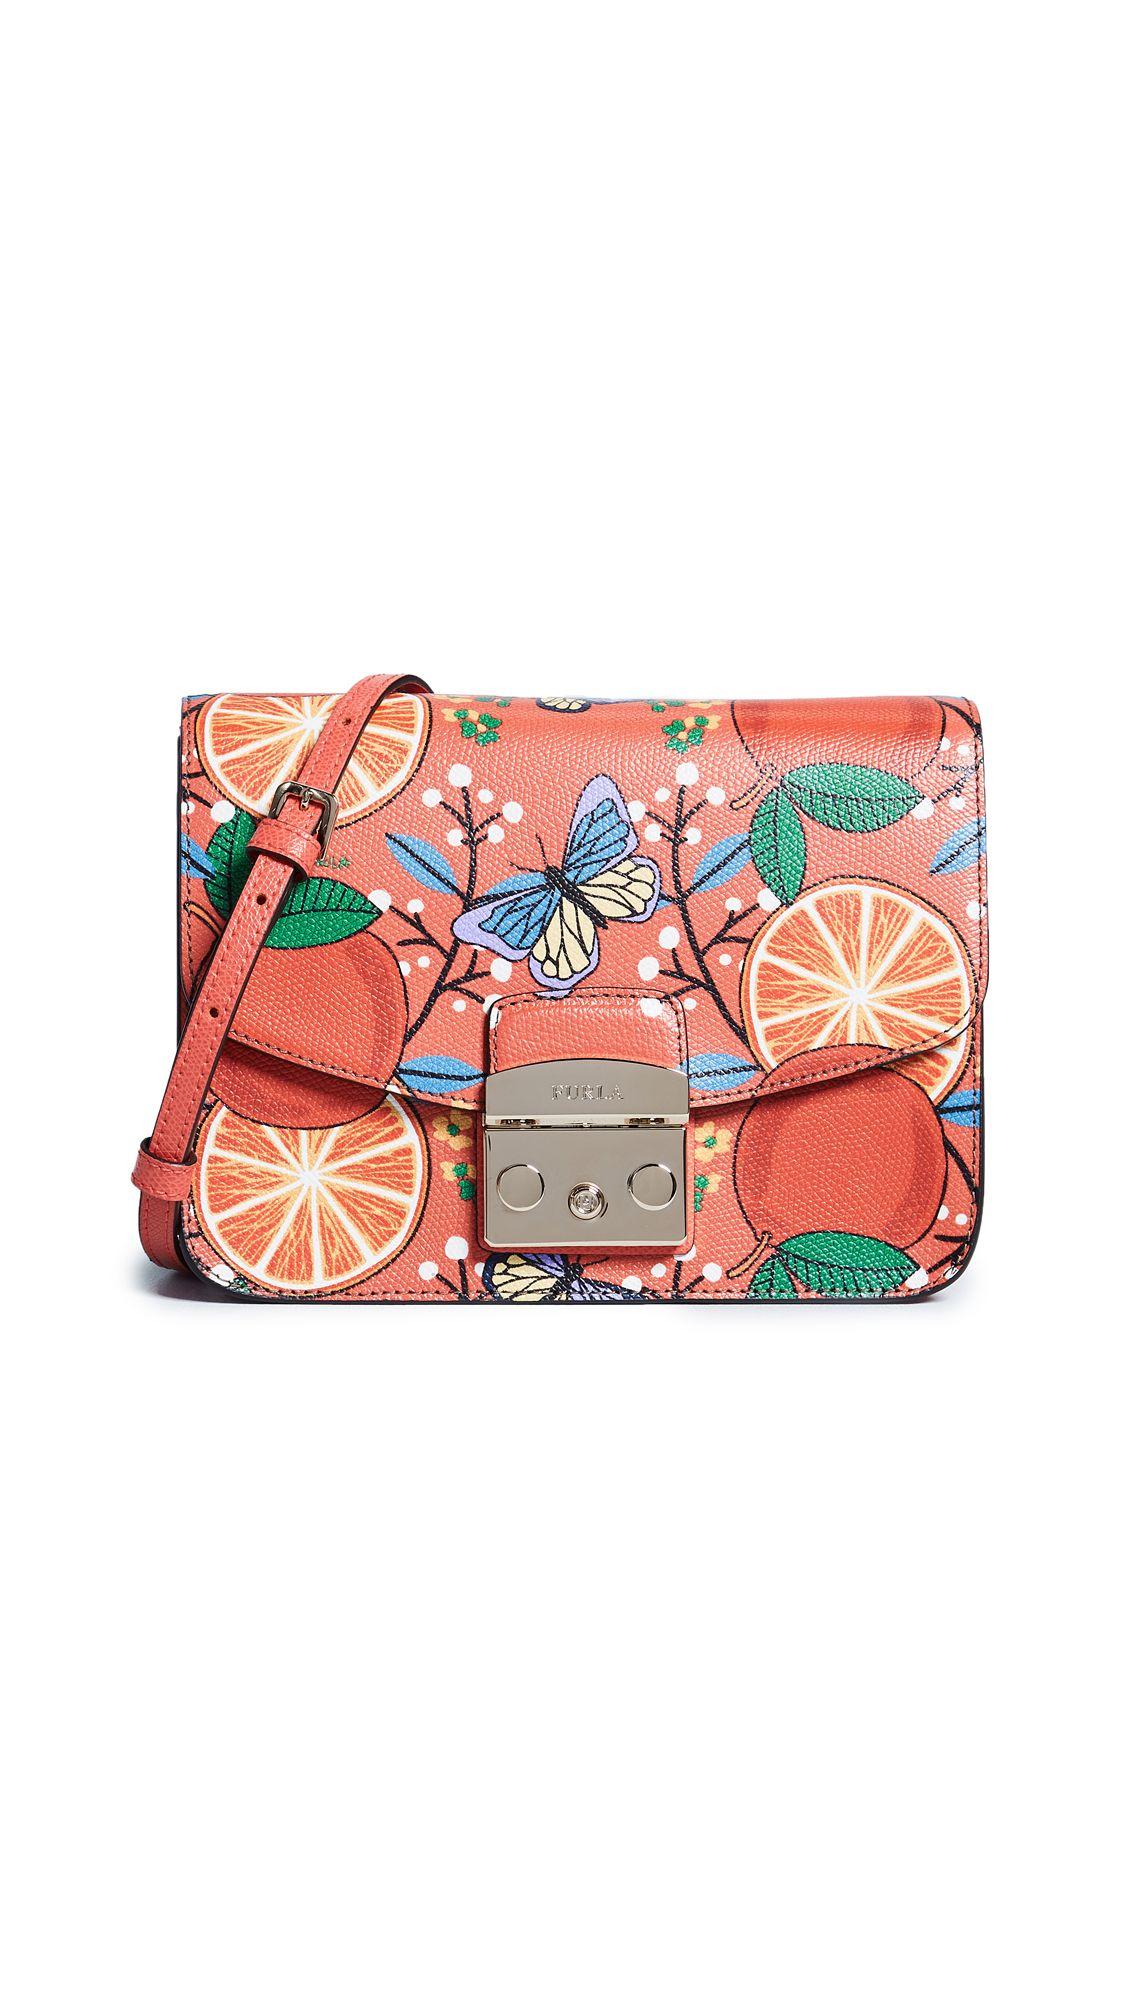 1f3059f55c FURLA METROPOLIS SMALL ORANGE CROSS BODY BAG. #furla #bags #shoulder bags #